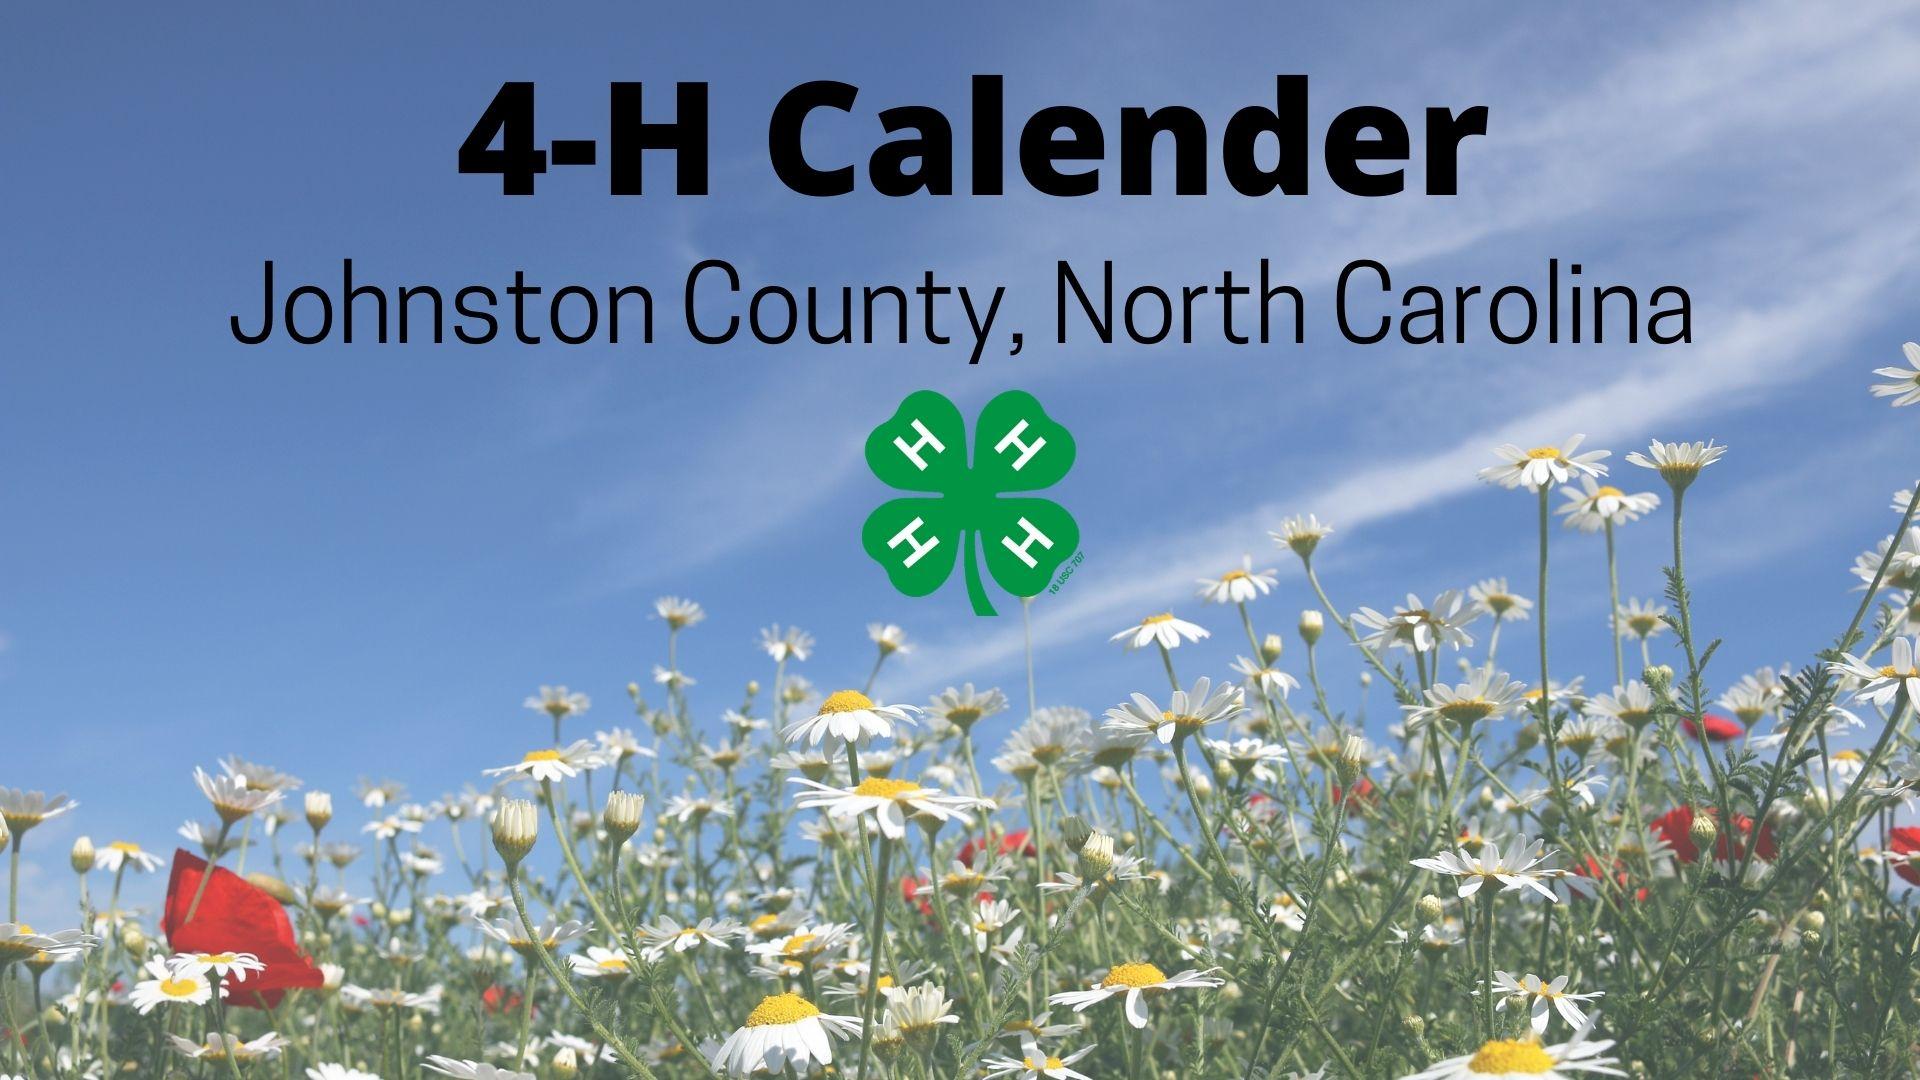 4-H logo on field of flowers